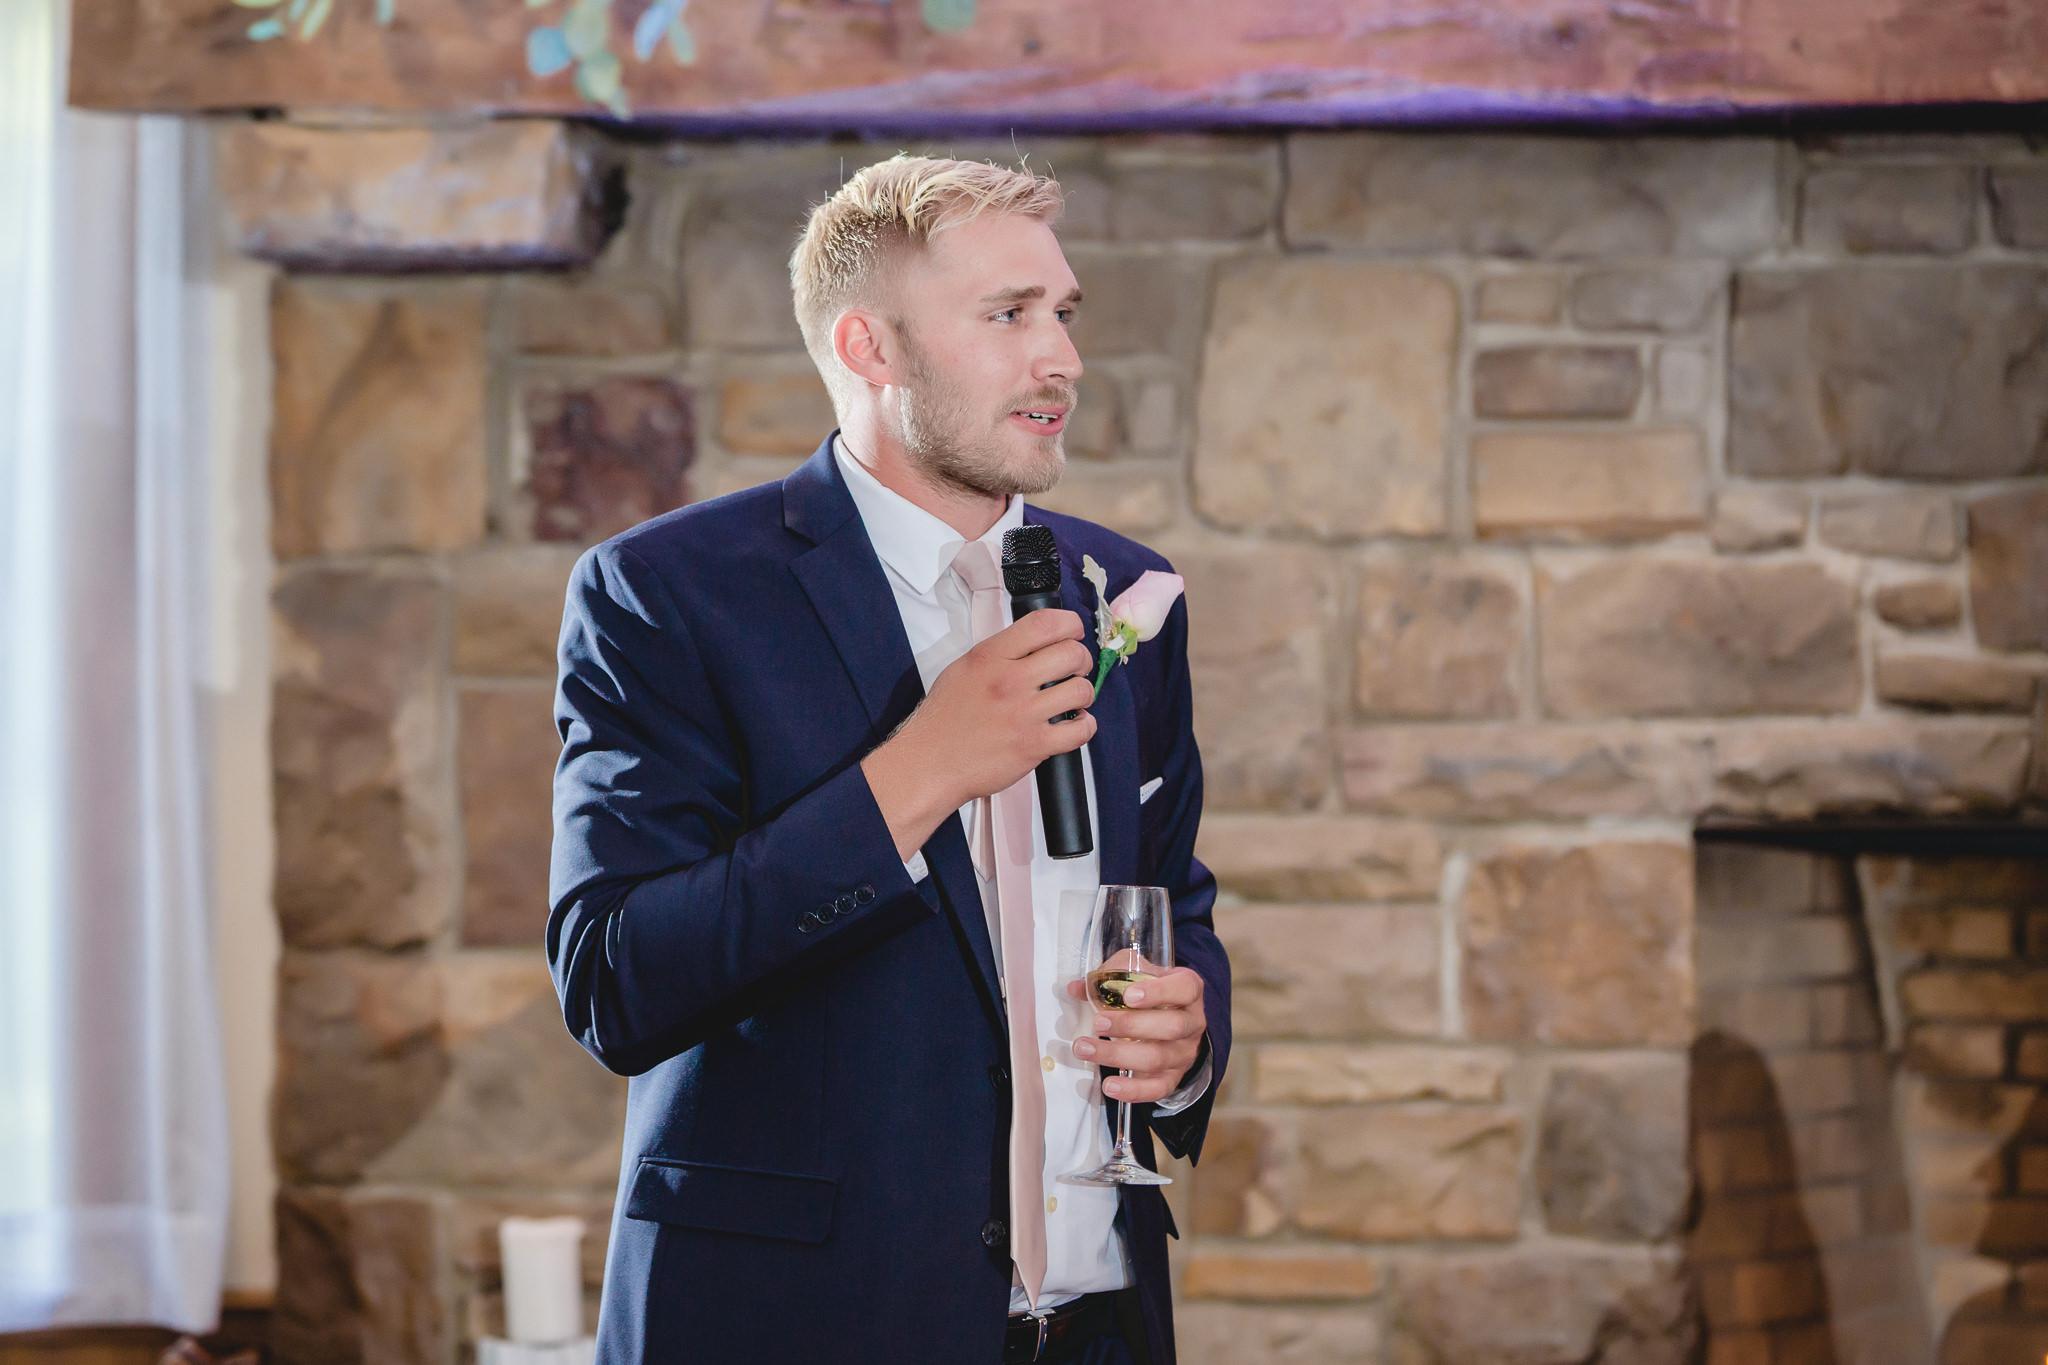 Best man gives a speech at a wedding reception at Hidden Valley Resort